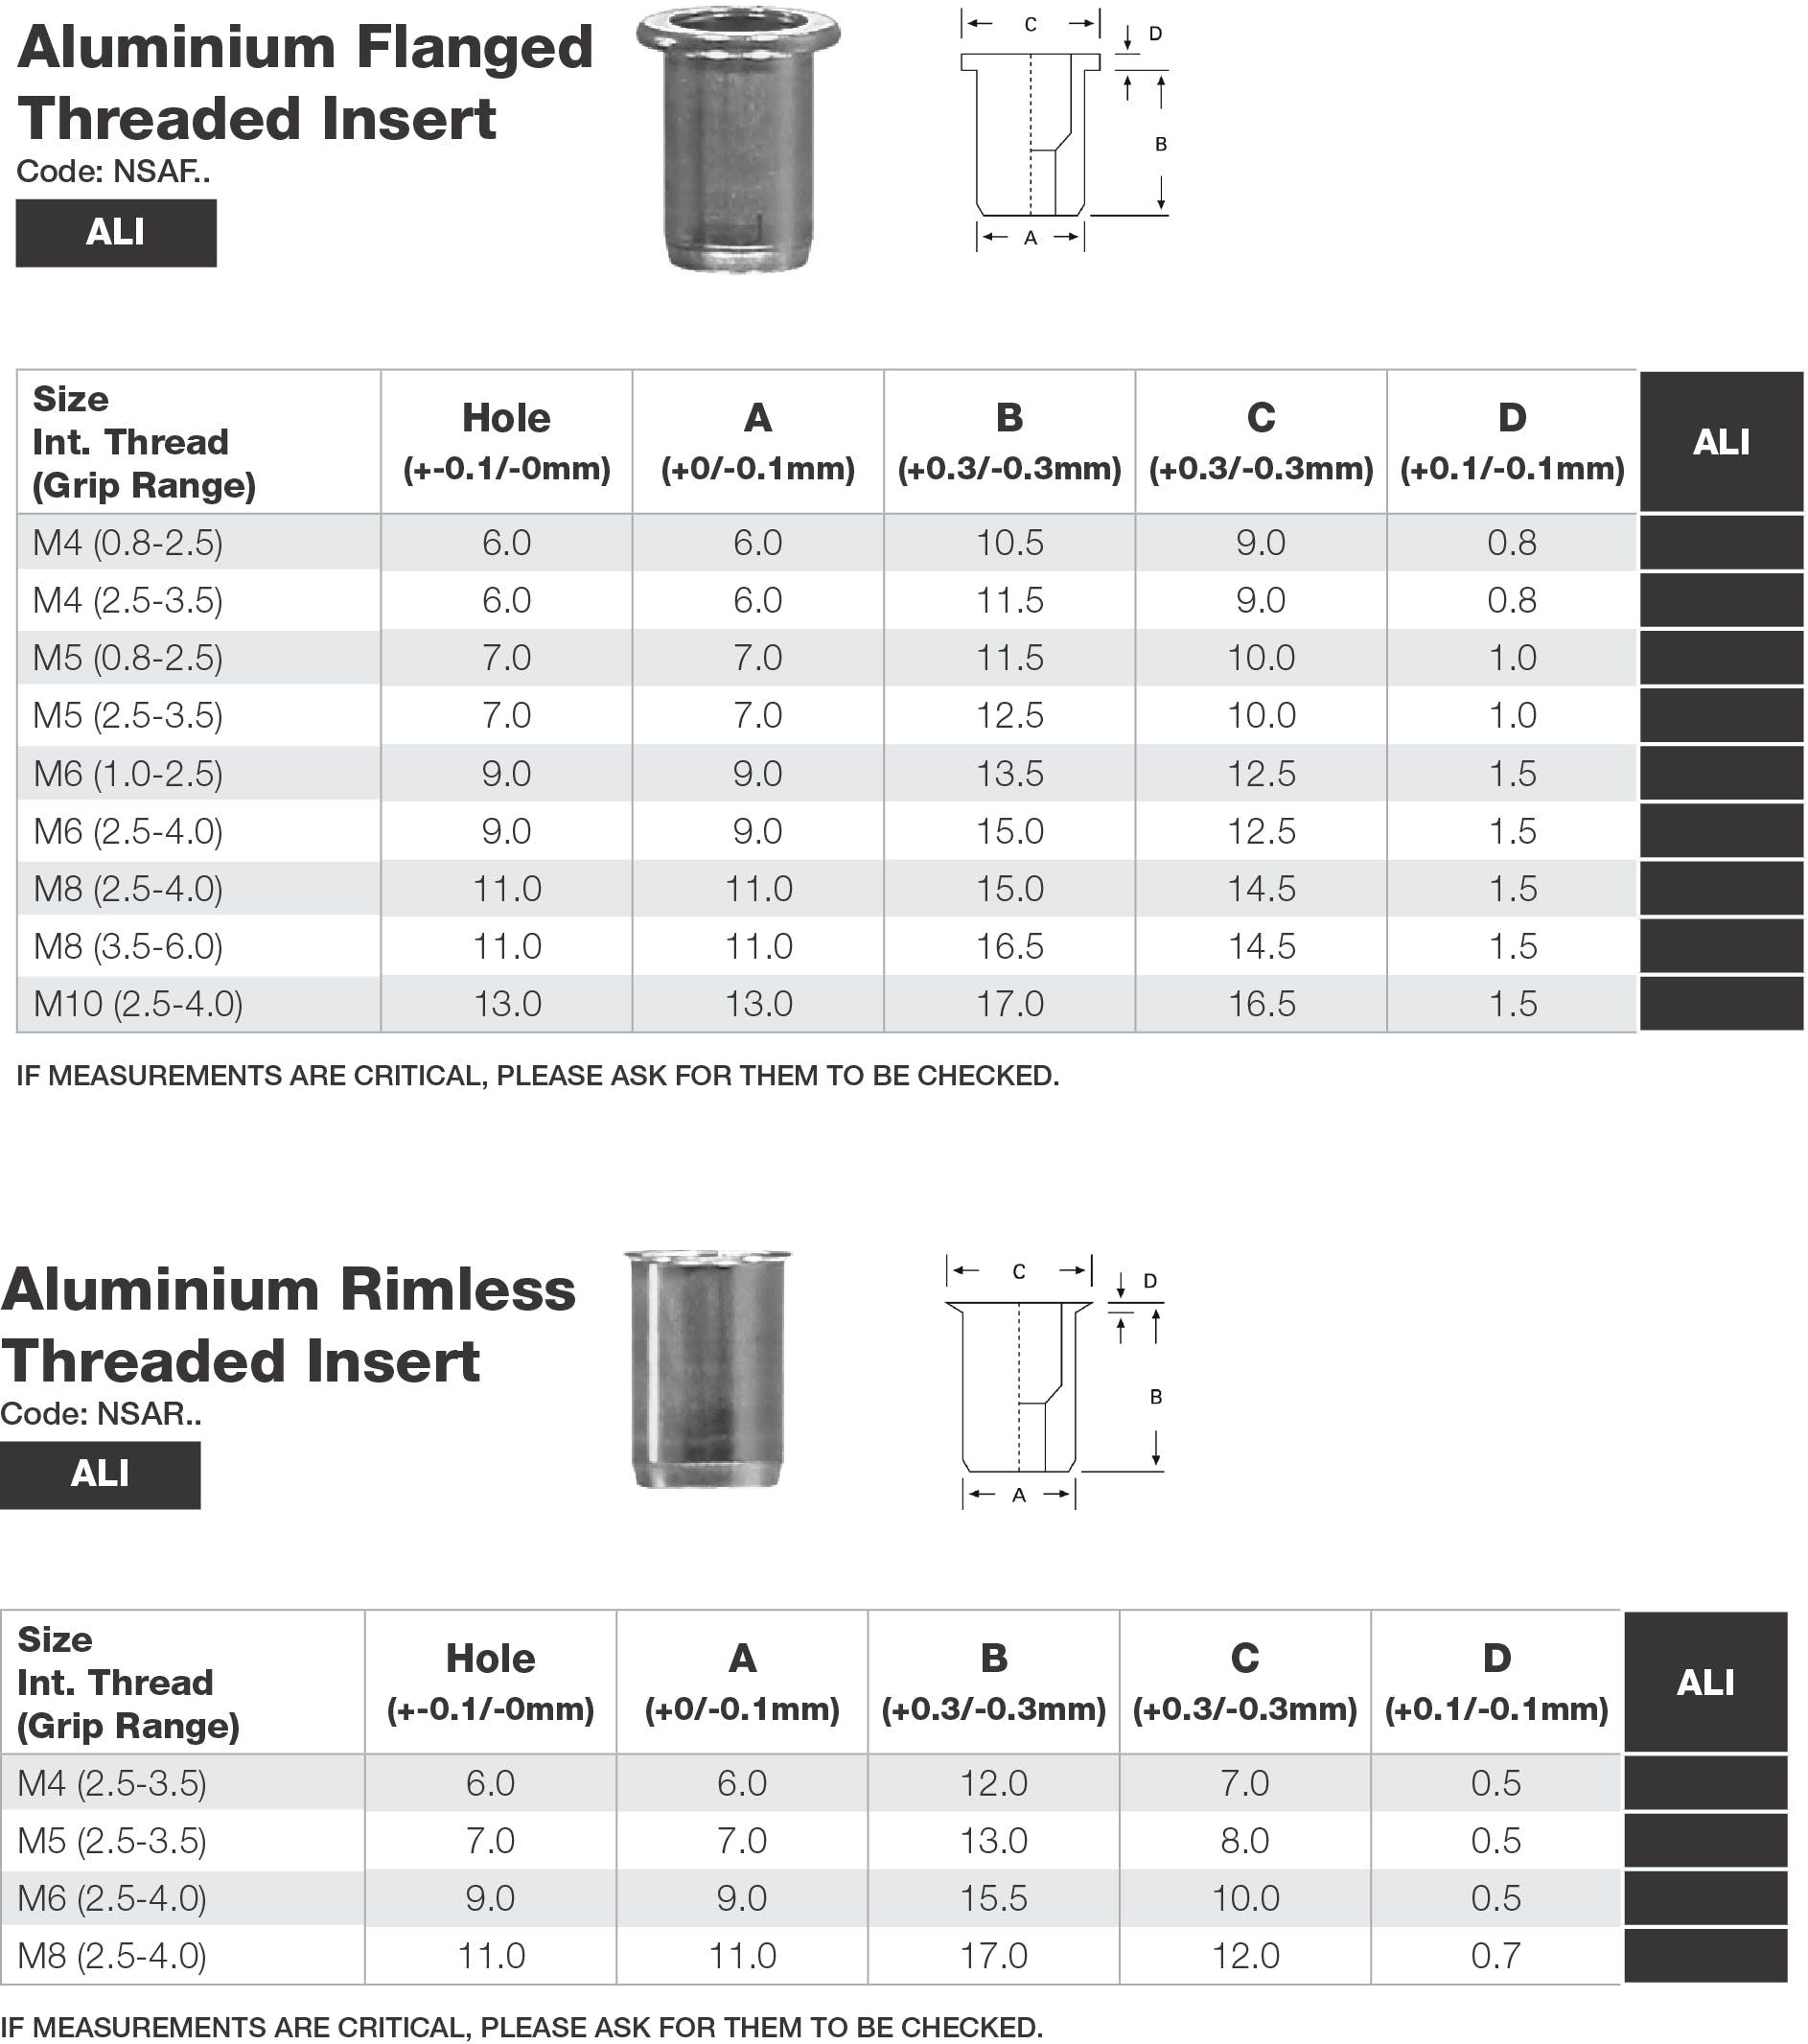 Aluminium Threaded Insert Nutsert Rivnut Dimensions